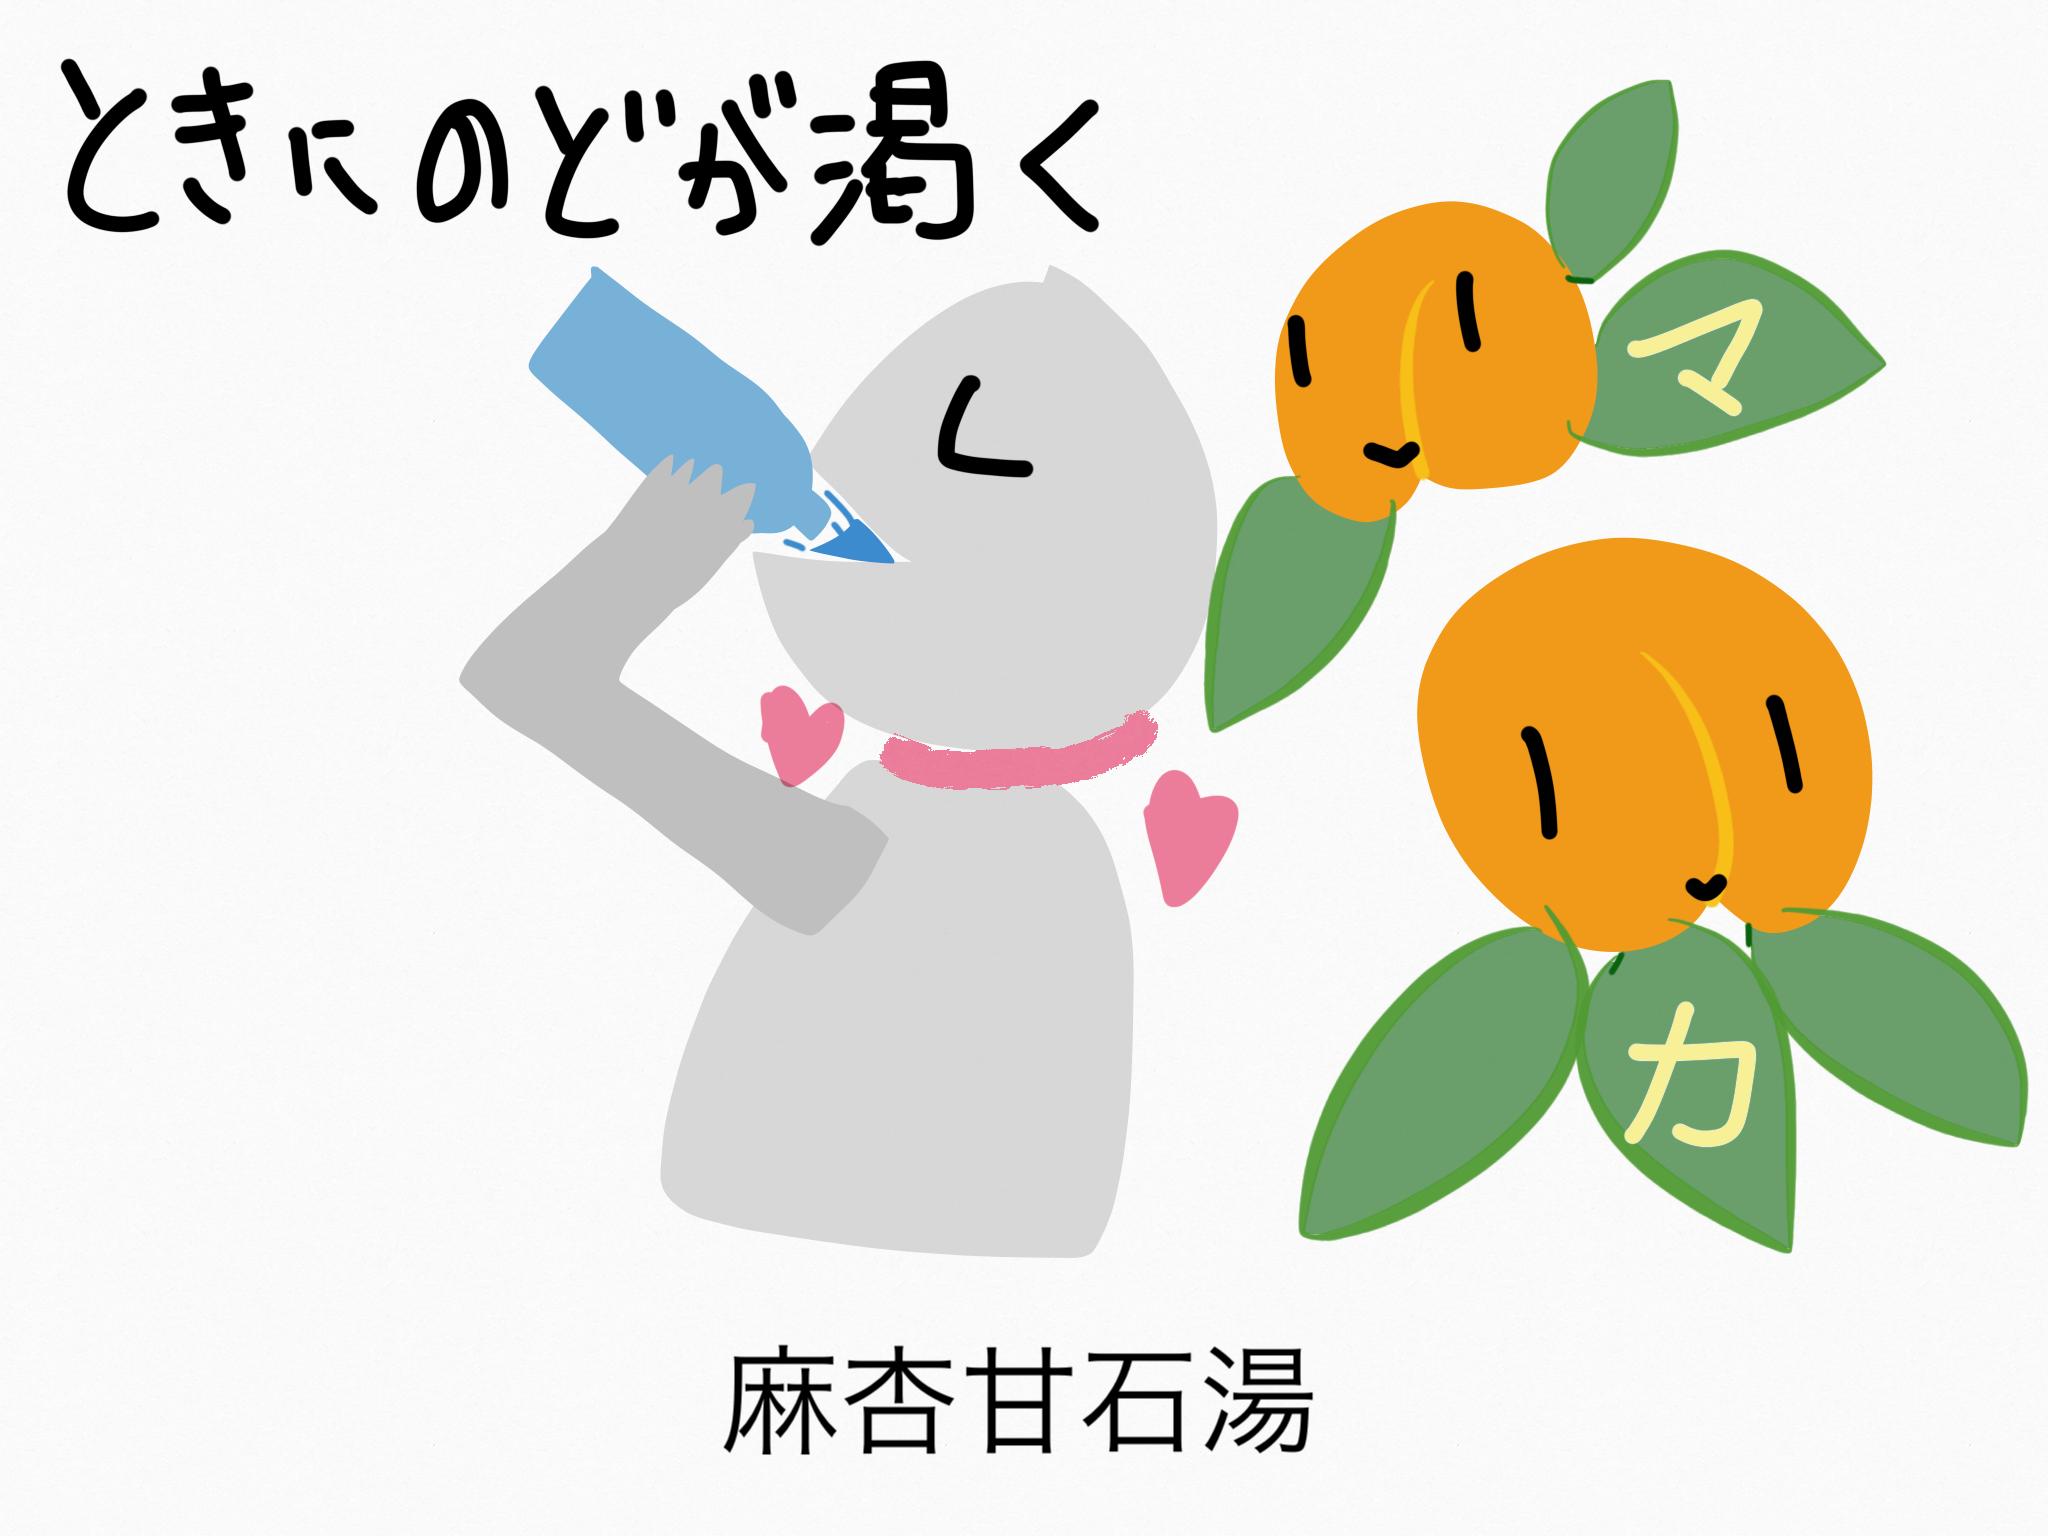 麻杏甘石湯(まきょうかんせきとう)[咳]【漢方の覚え方】